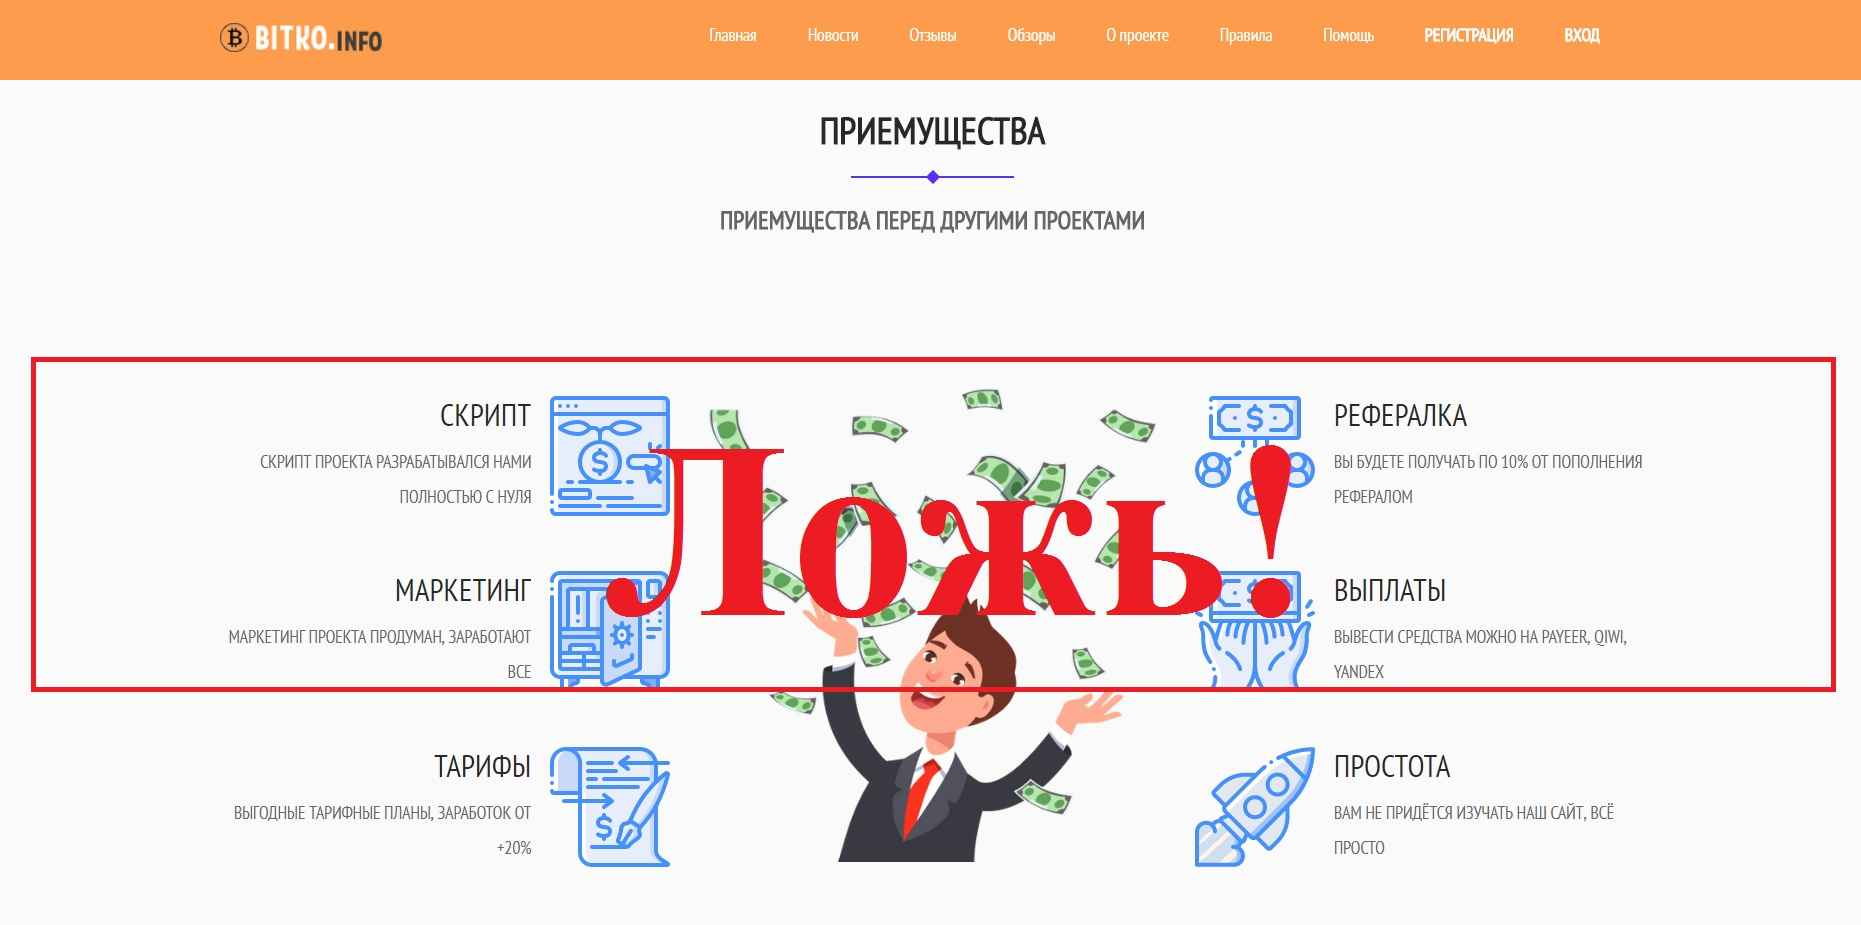 Bitko – отзывы и обзор bitko.info